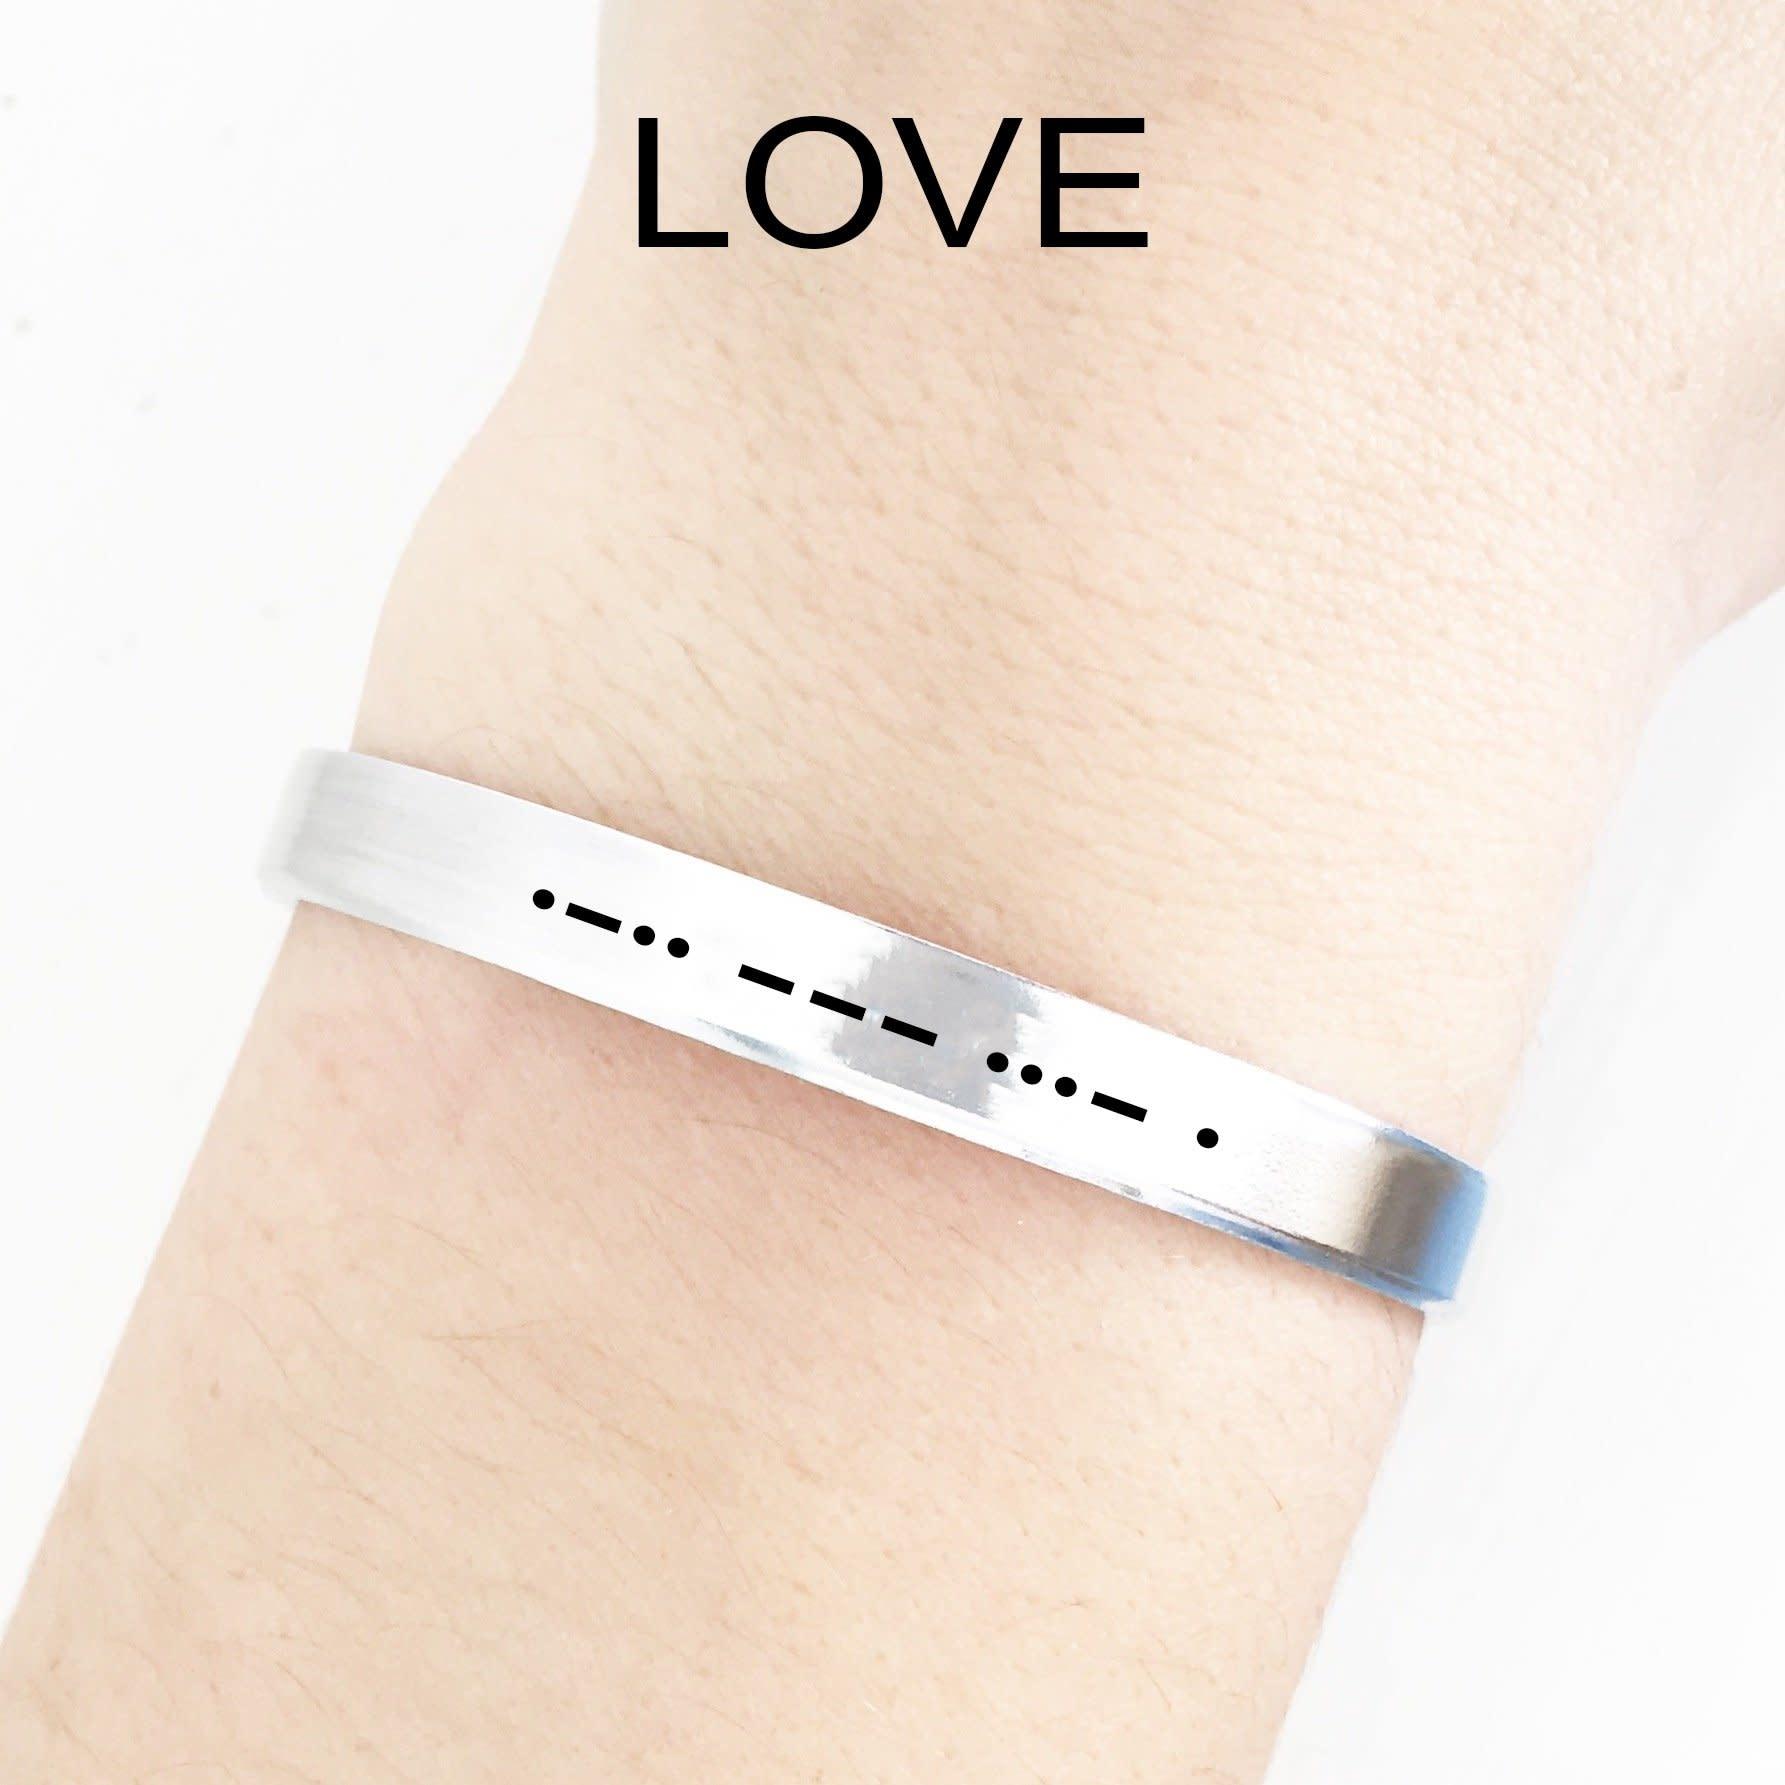 Clair Ashley Clair Ashley Morse Code LOVE Cuff